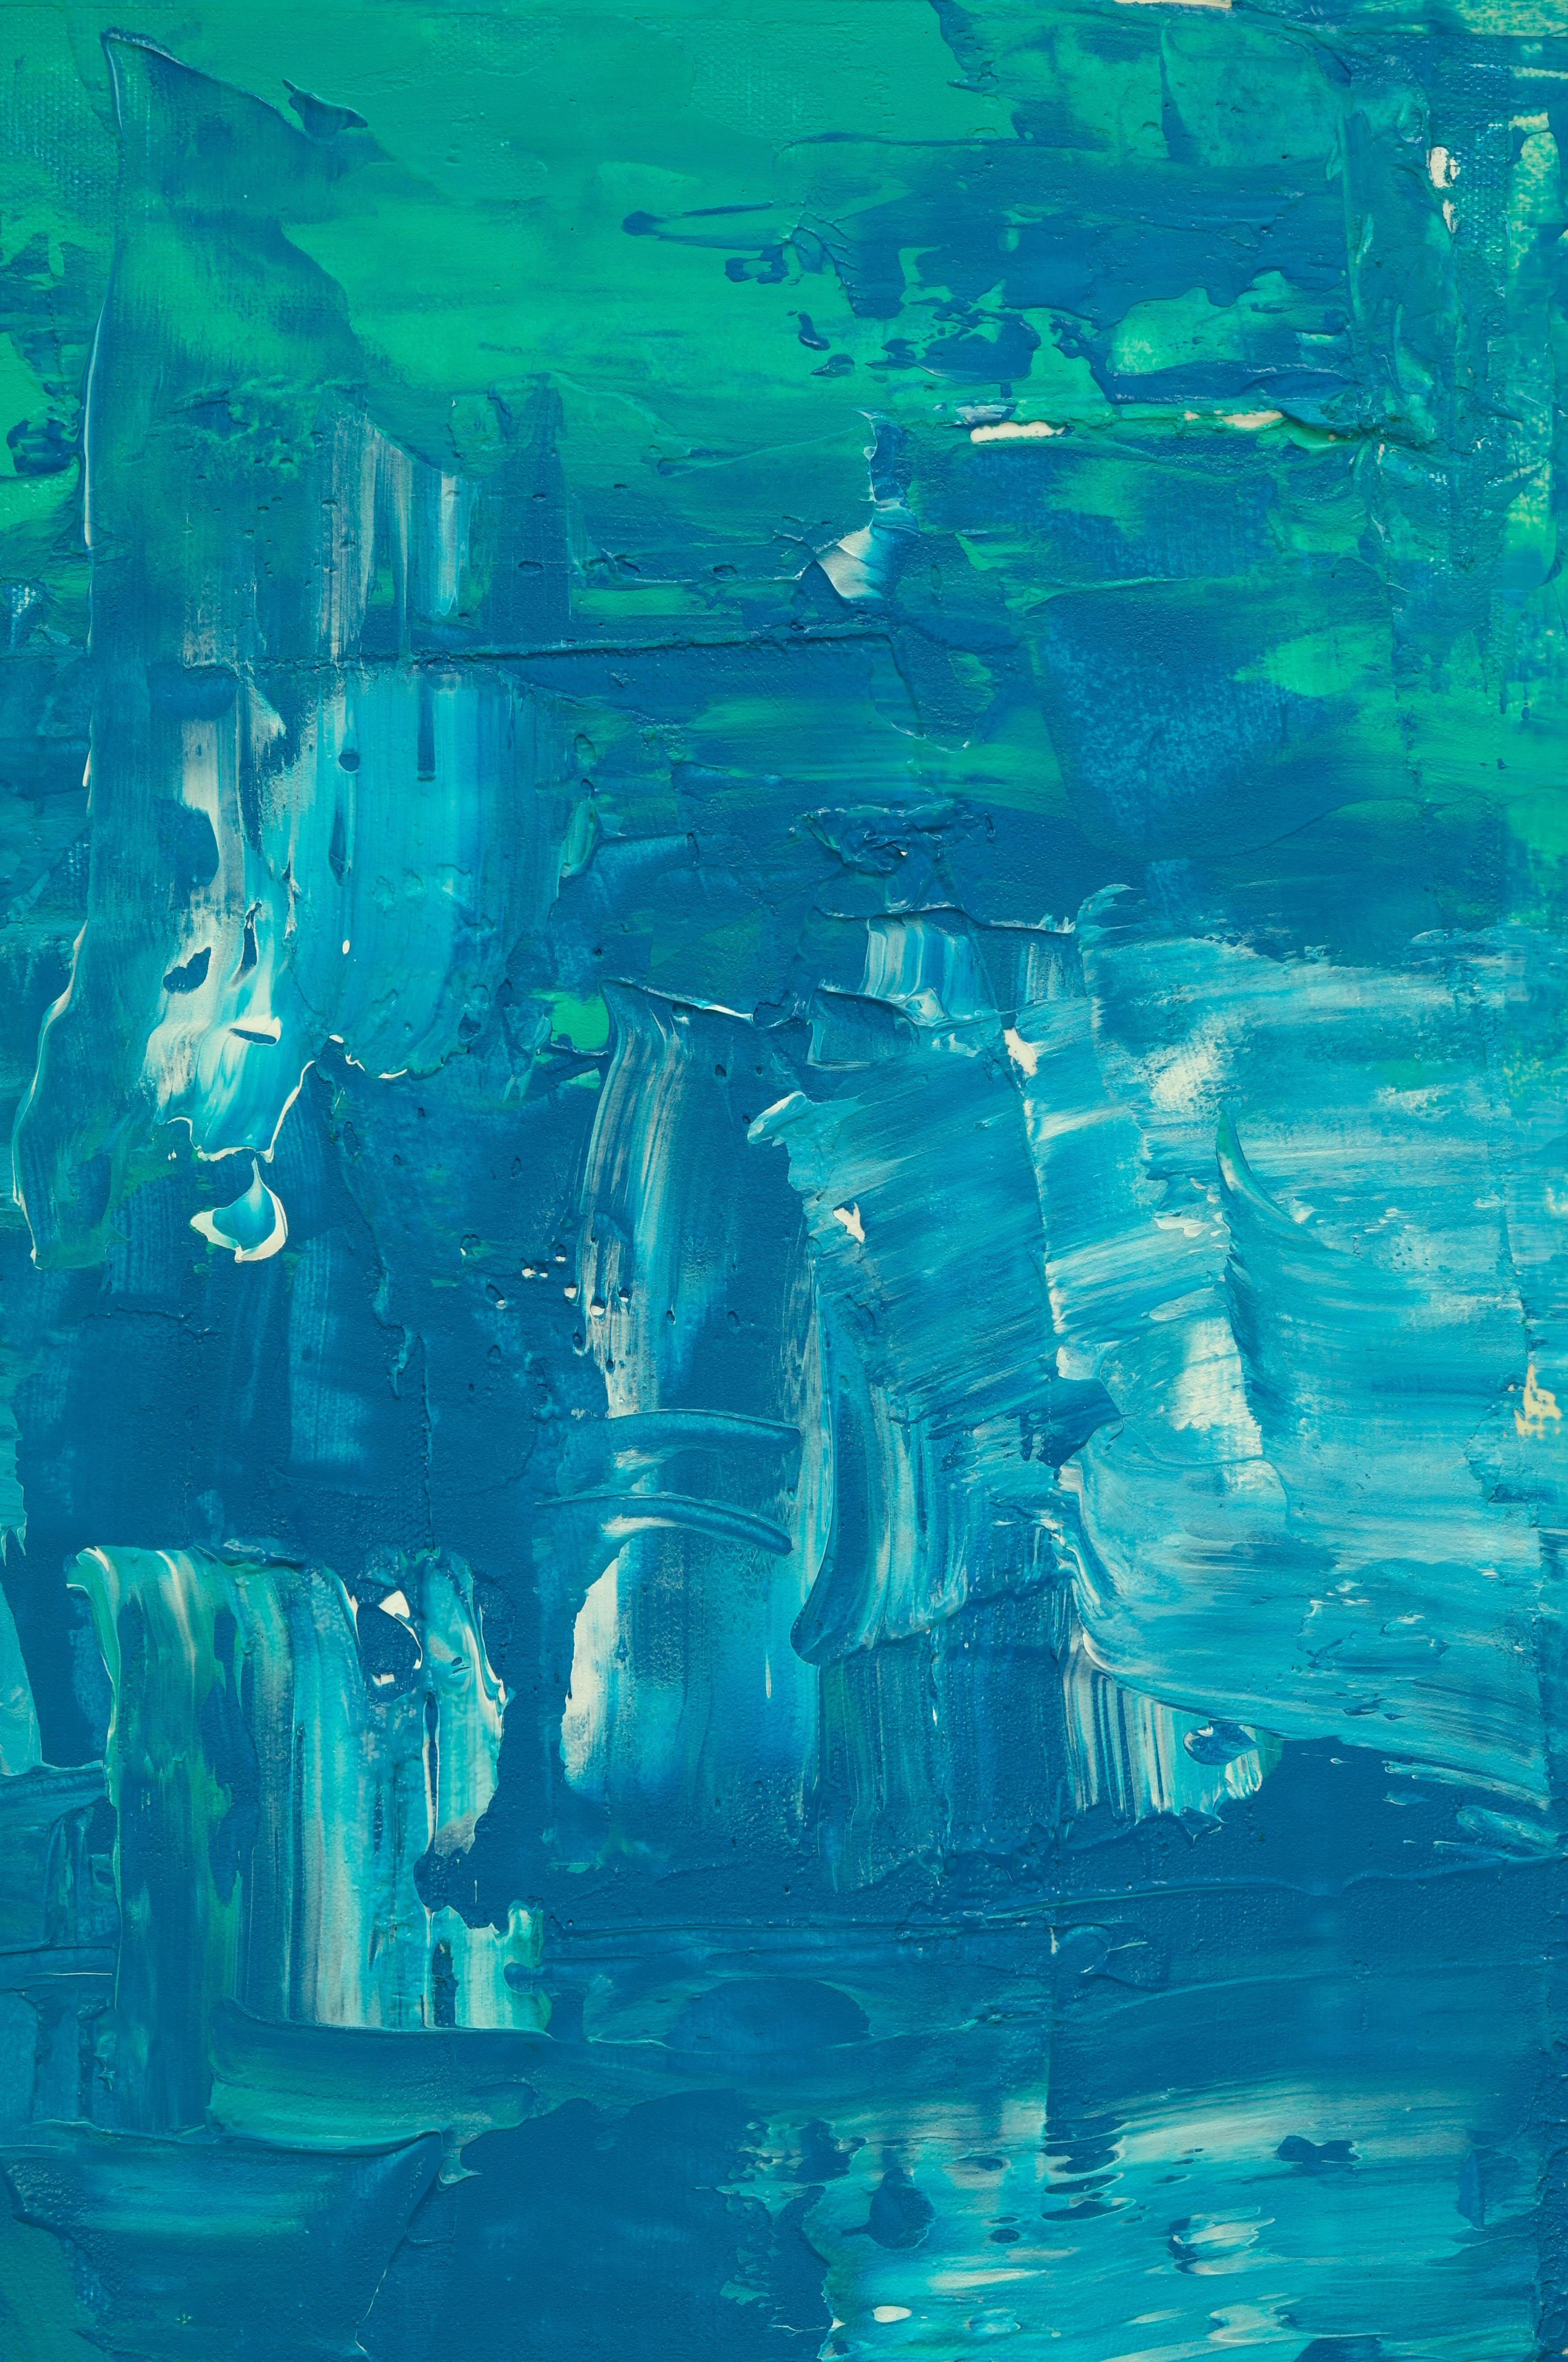 150443 Hintergrundbild herunterladen Abstrakt, Textur, Texturen, Farbe, Segeltuch, Leinwand, Moderne Kunst, Zeitgenössische Kunst, Abstriche, Striche - Bildschirmschoner und Bilder kostenlos